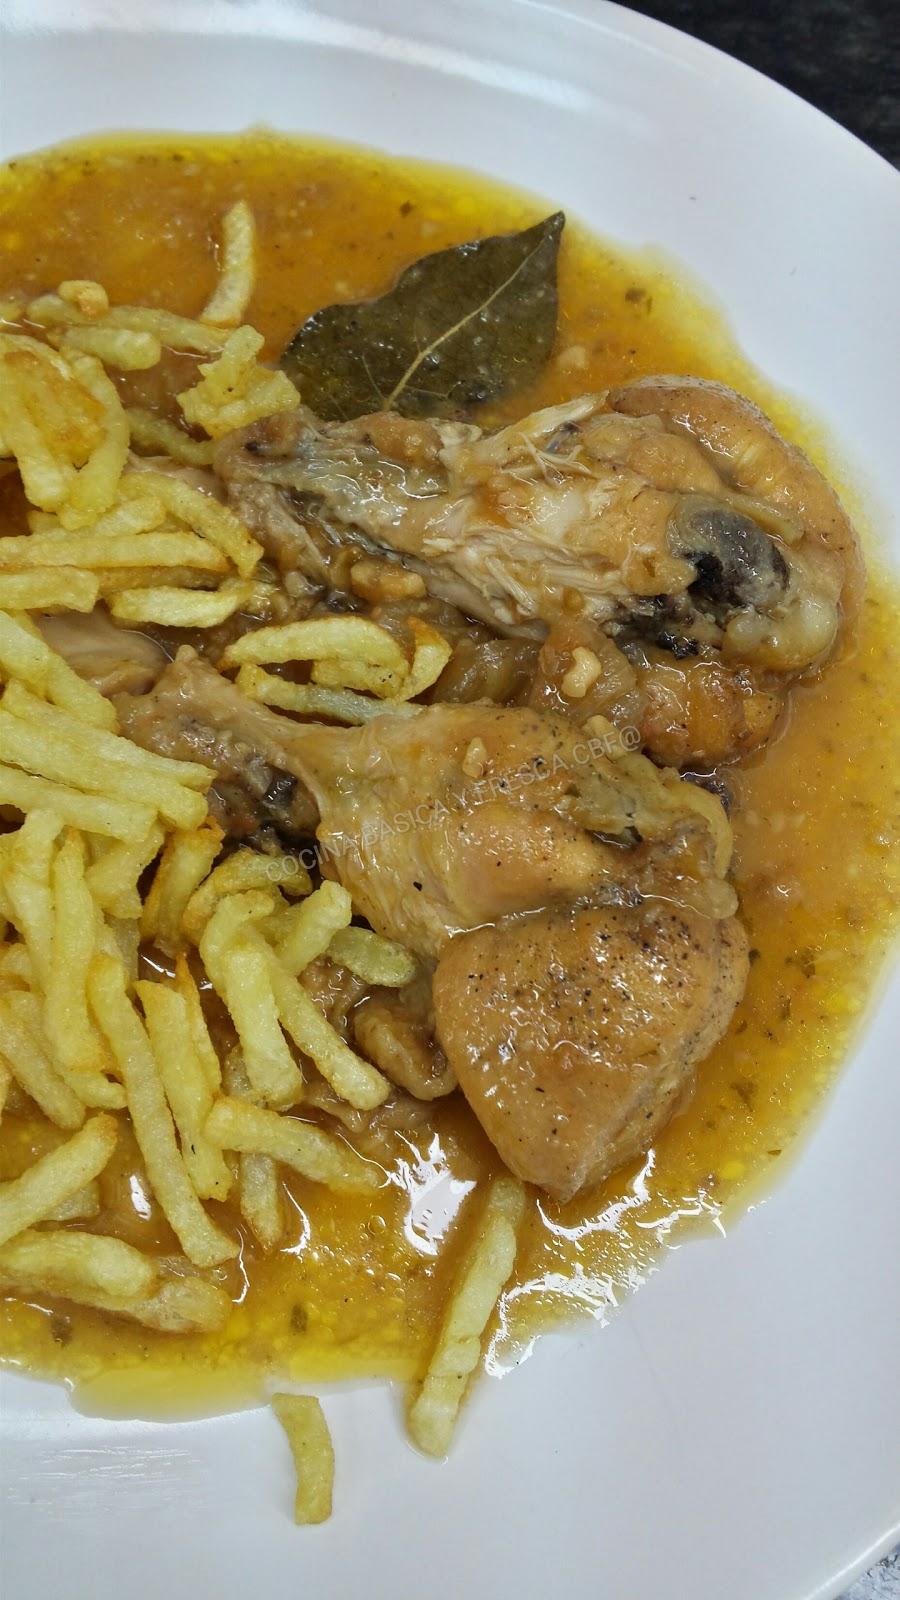 Cocina basica y fresca muslitos de pollo en salsa a la - Muslitos de pollo ...